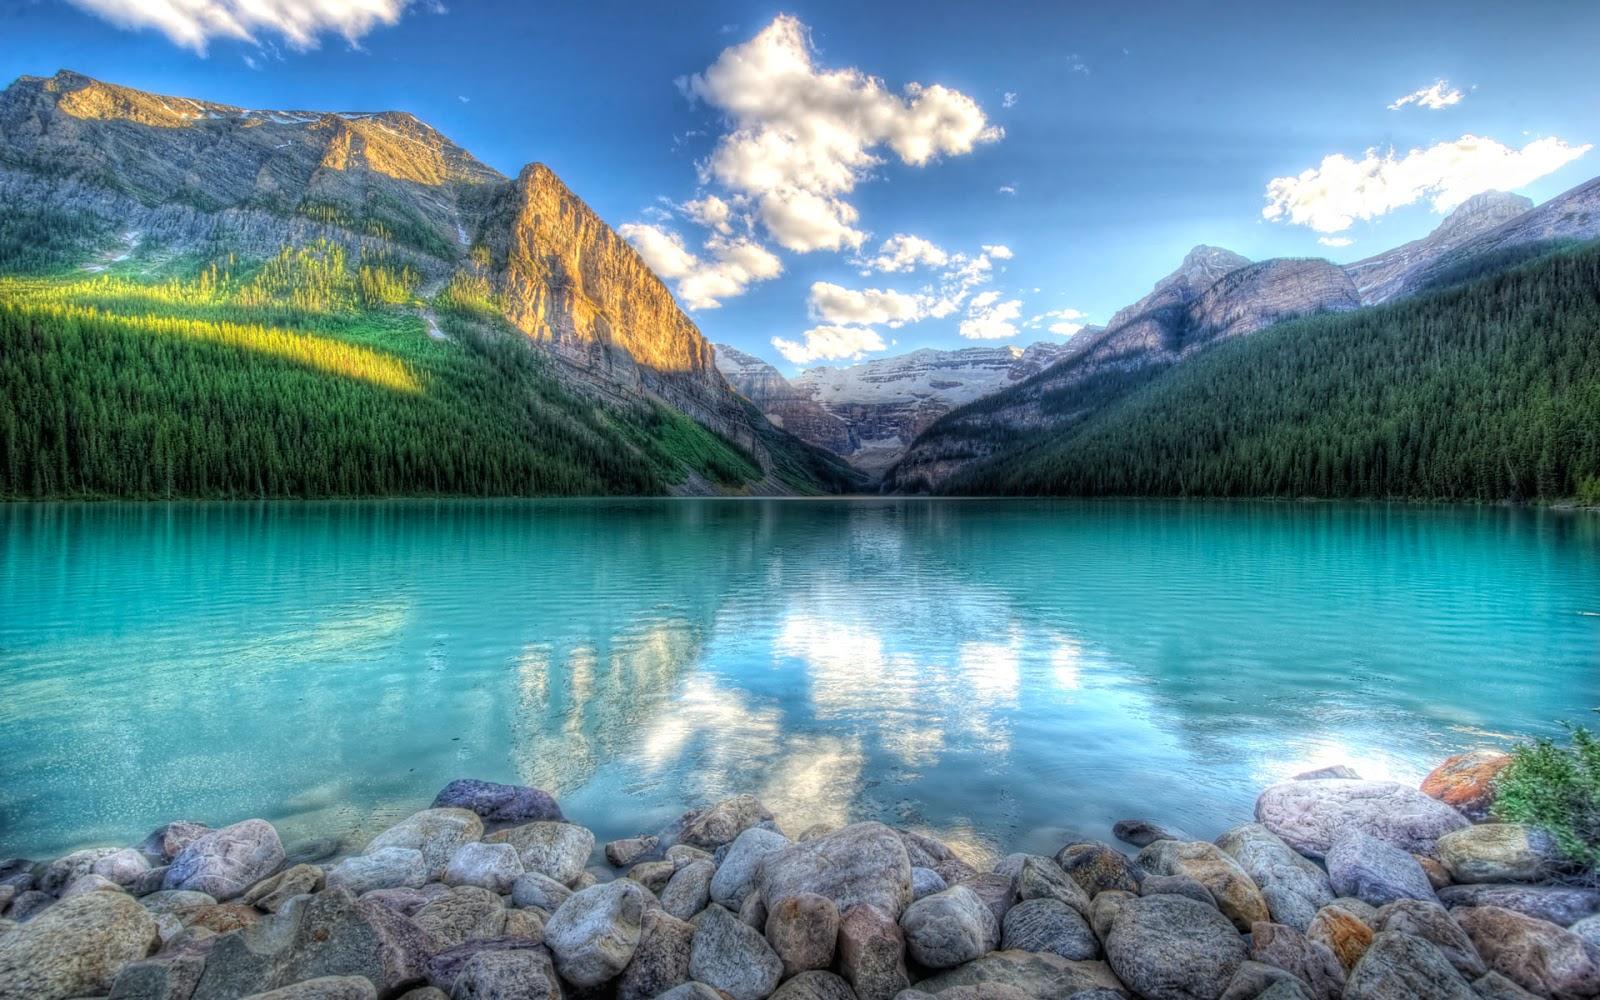 بالصور خلفيات الطبيعة , اجمل صور الطبيعه 5970